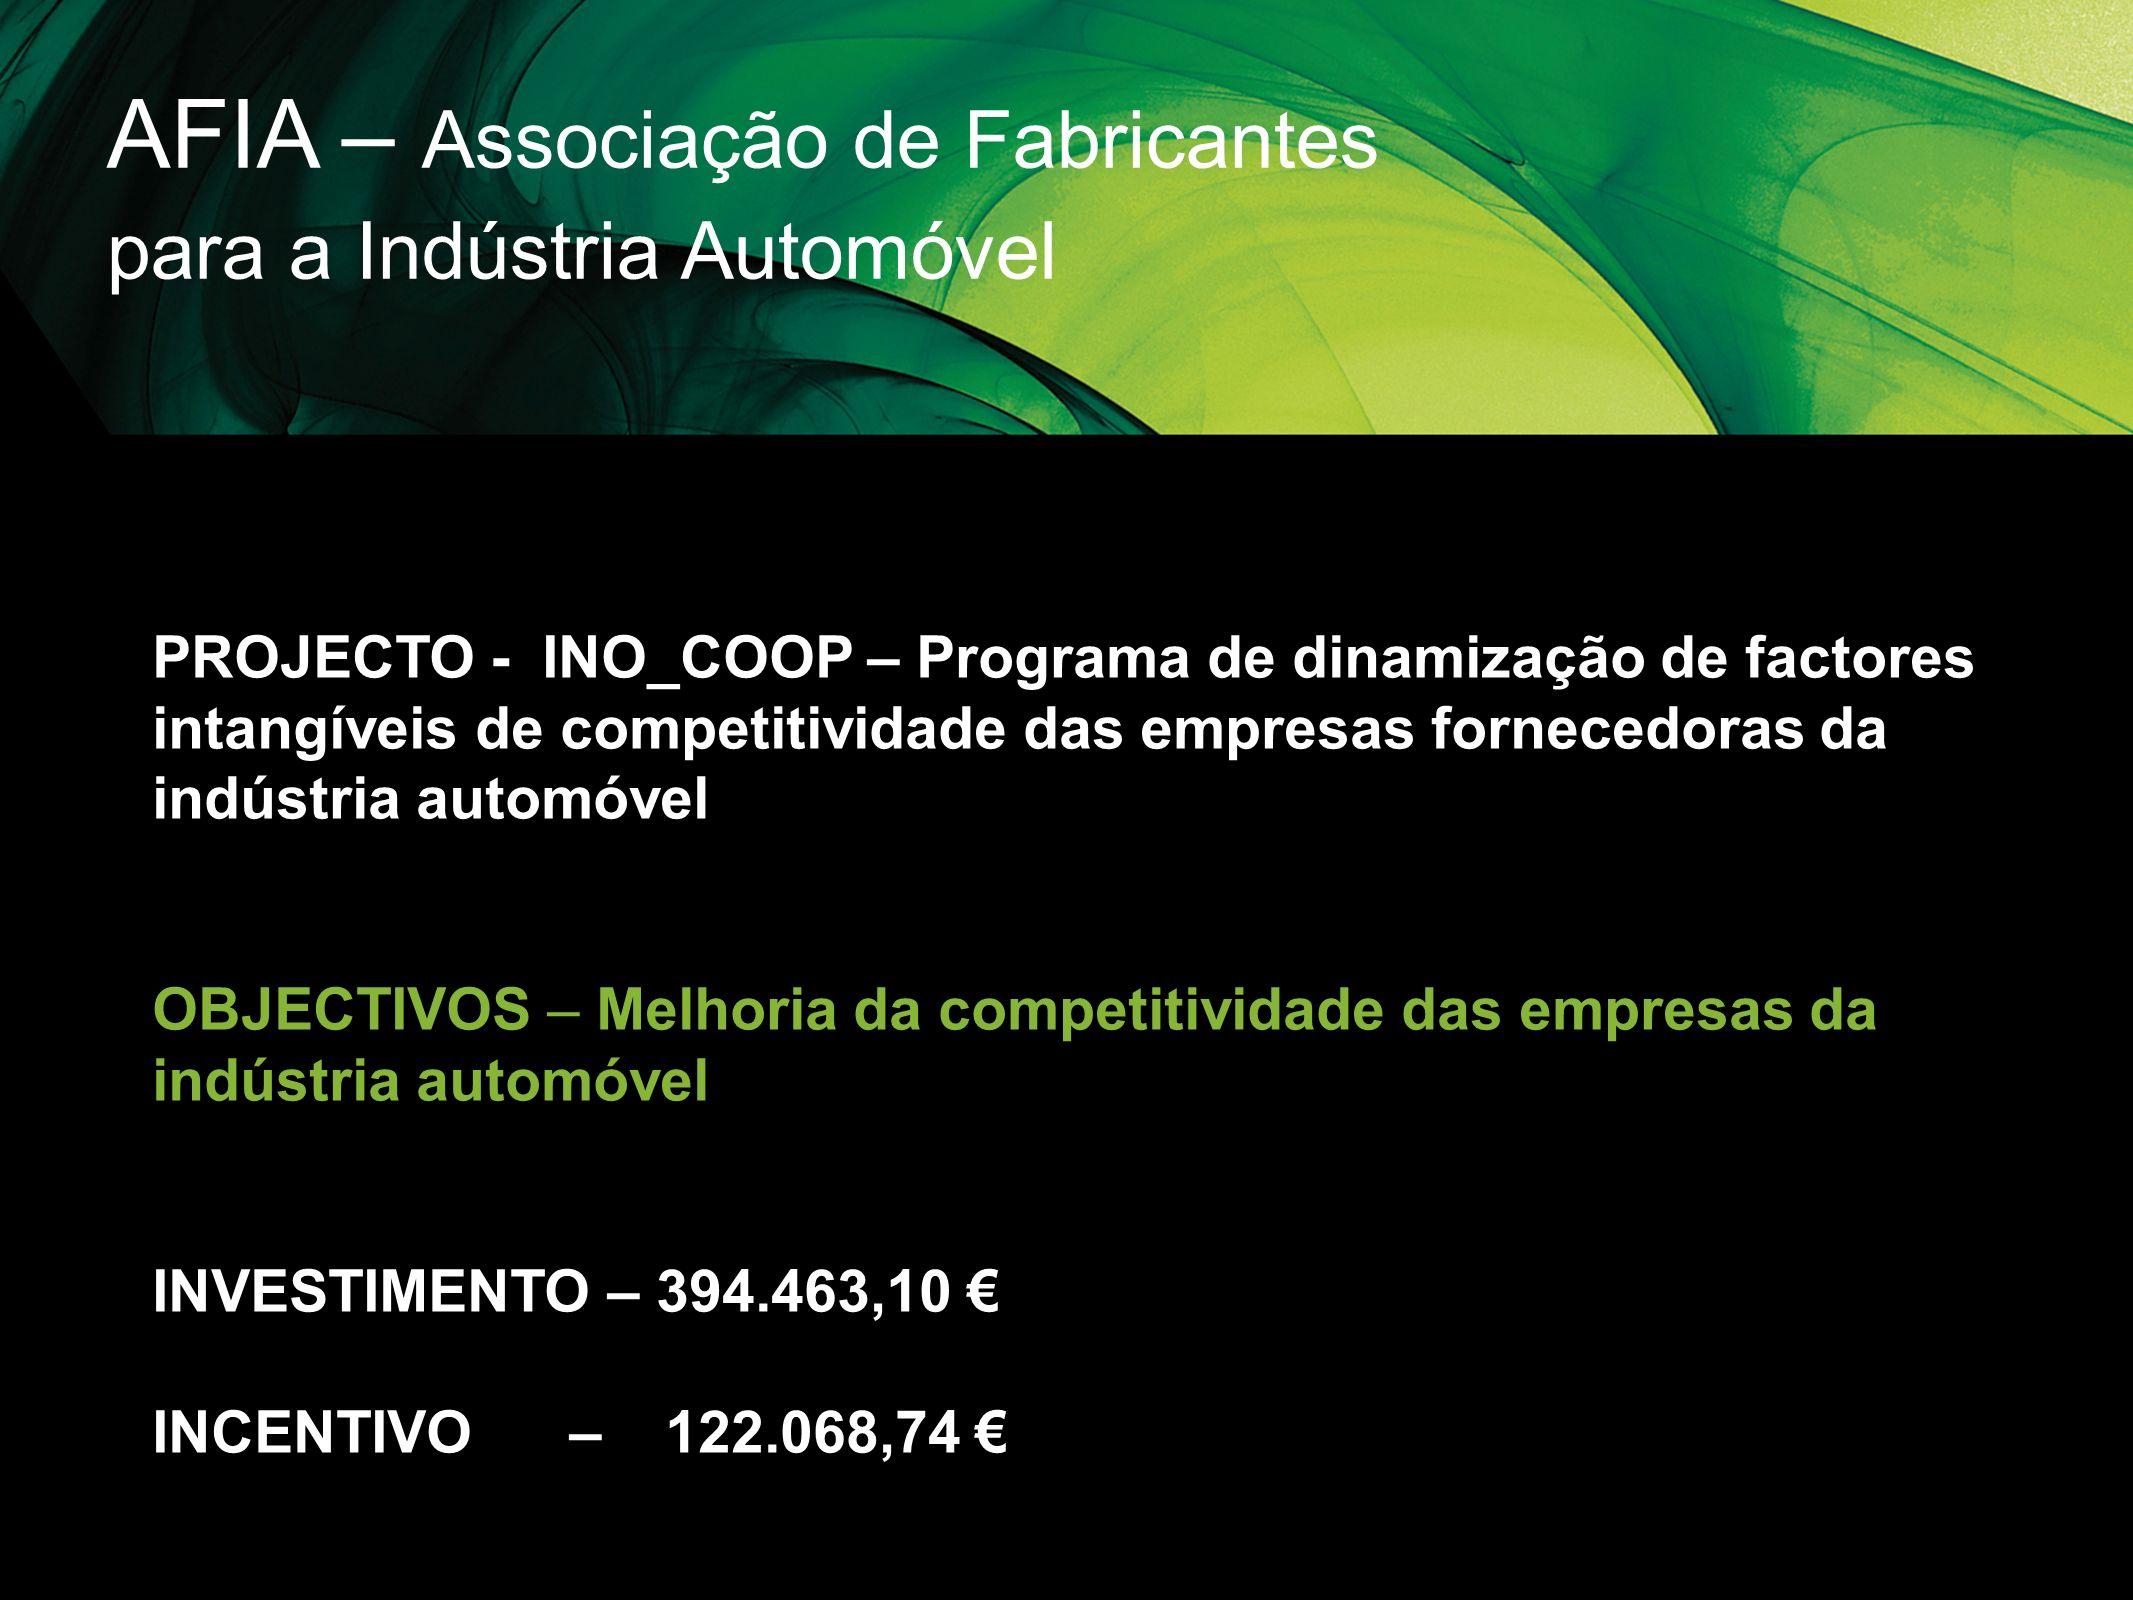 AFIA – Associação de Fabricantes para a Indústria Automóvel